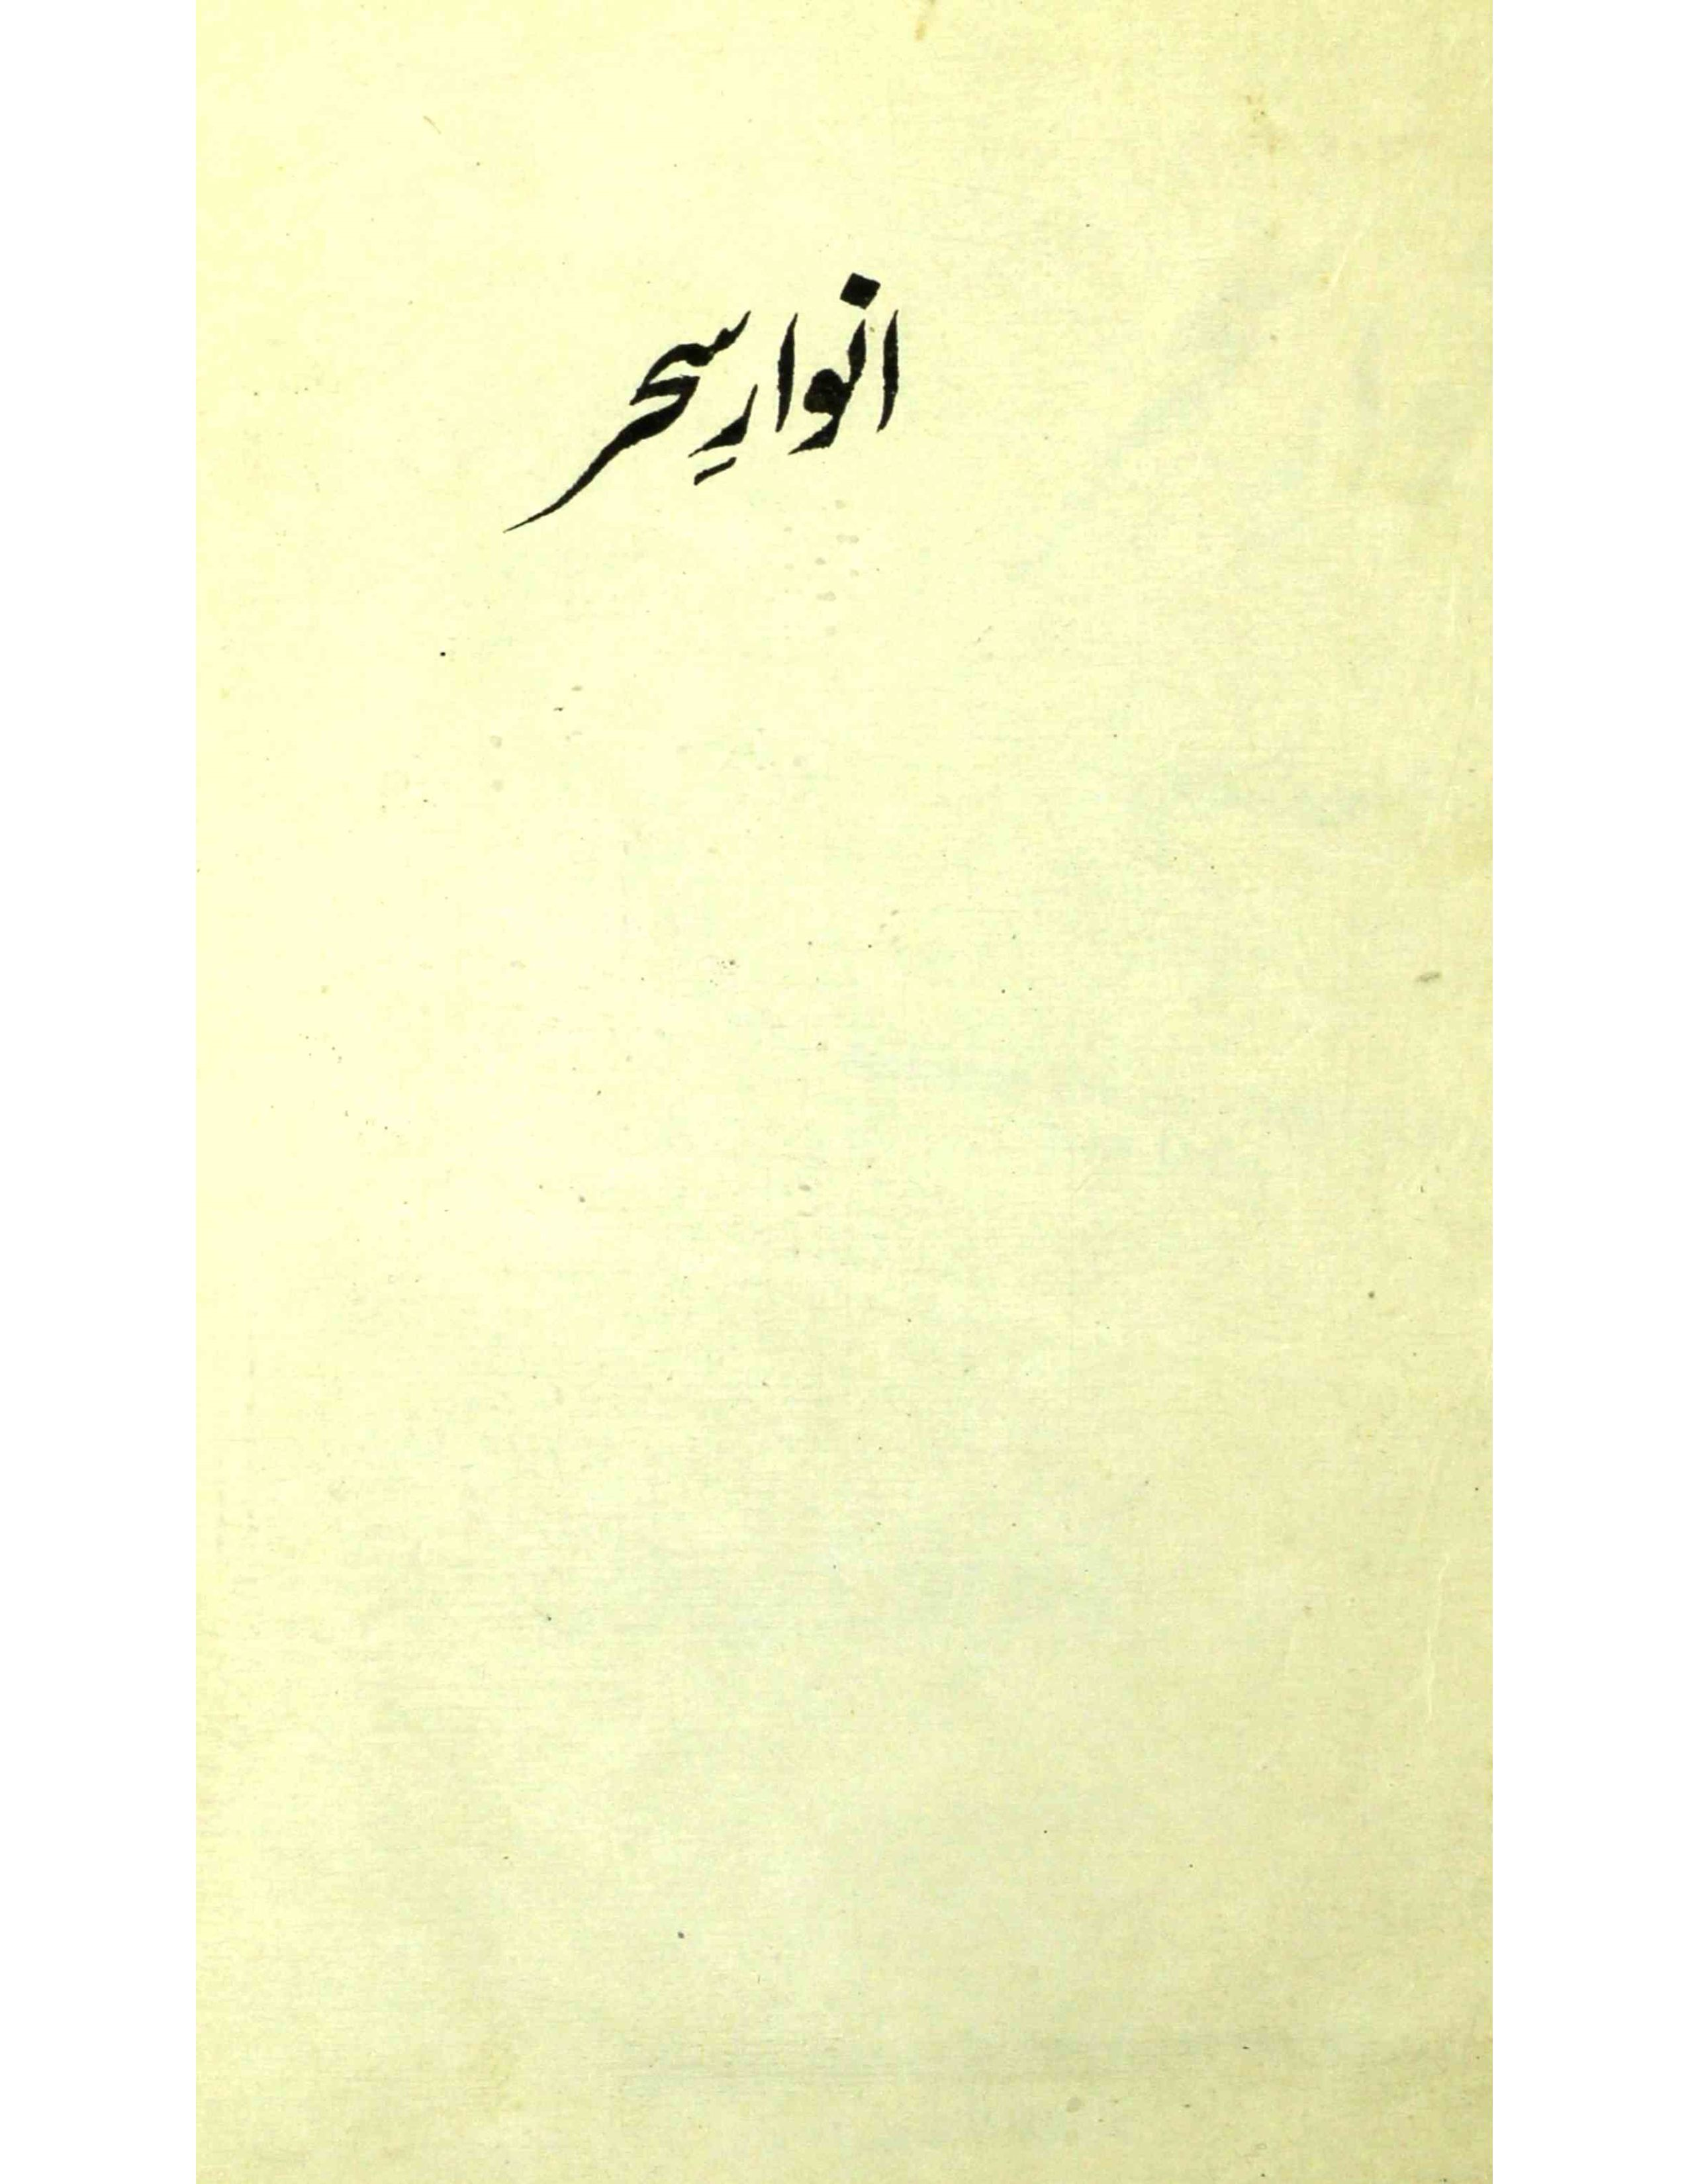 Anwar-e-Saher